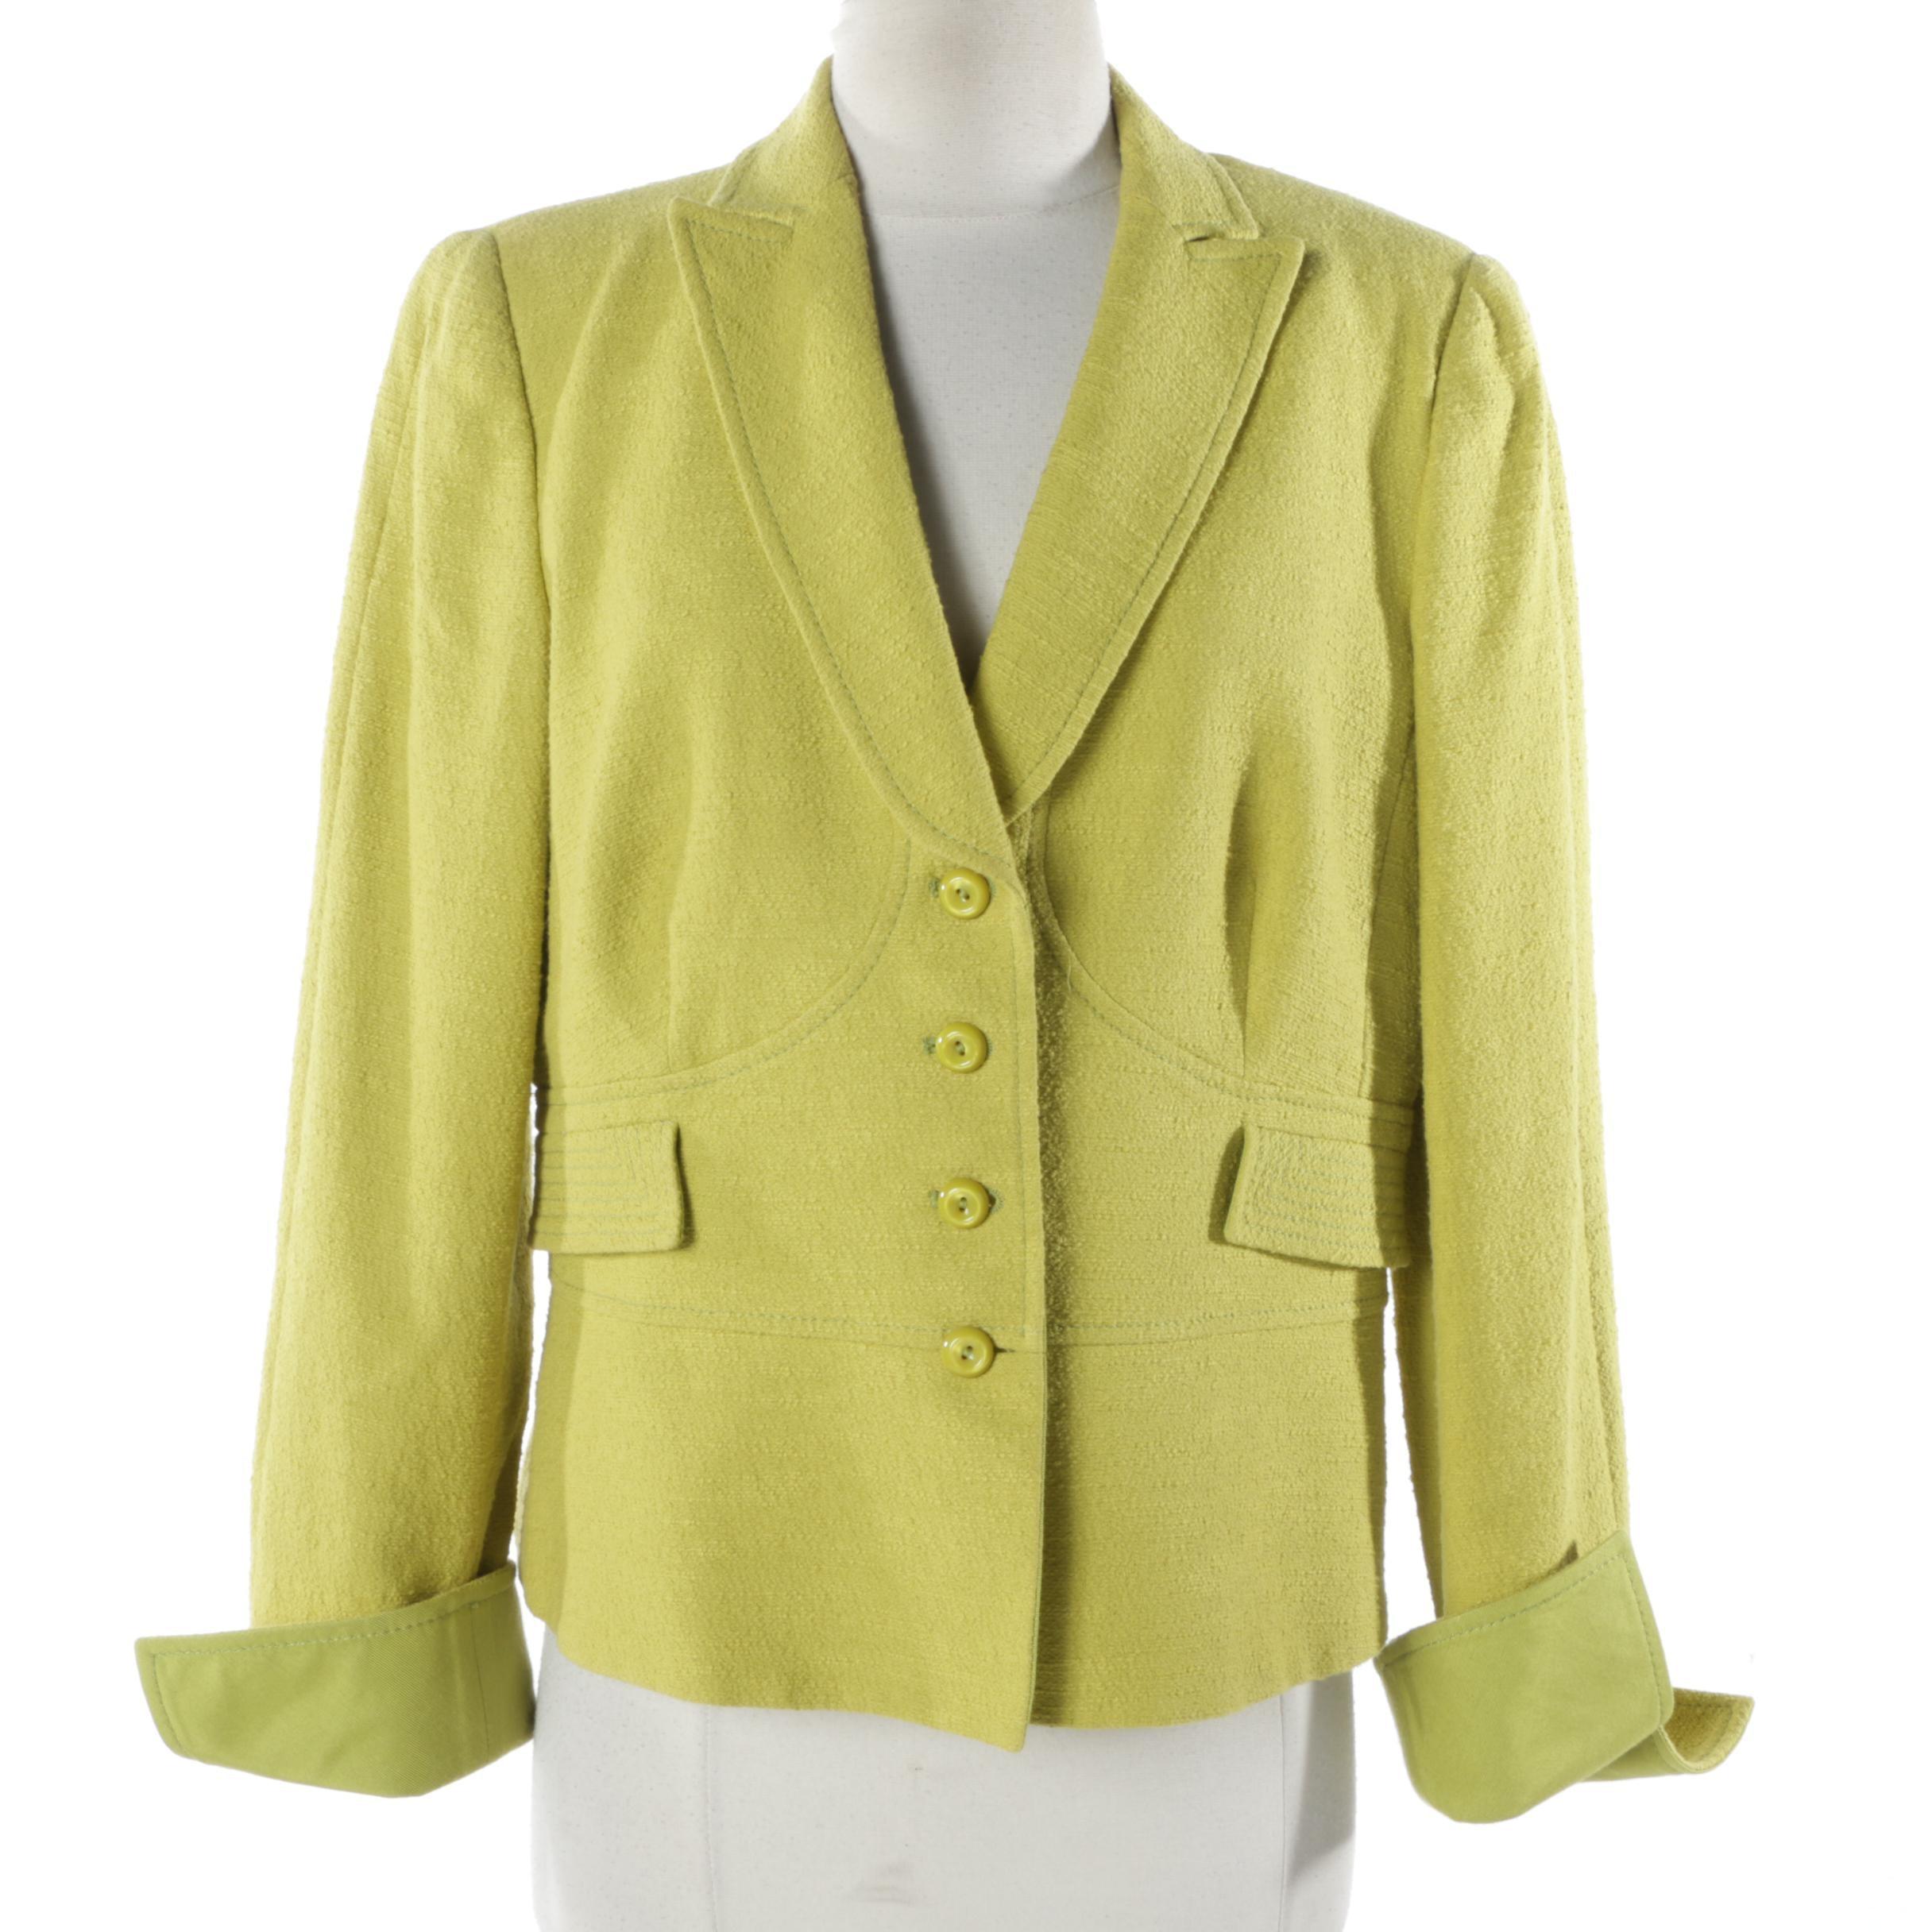 Women's Armani Collezioni Chartreuse Suit Jacket